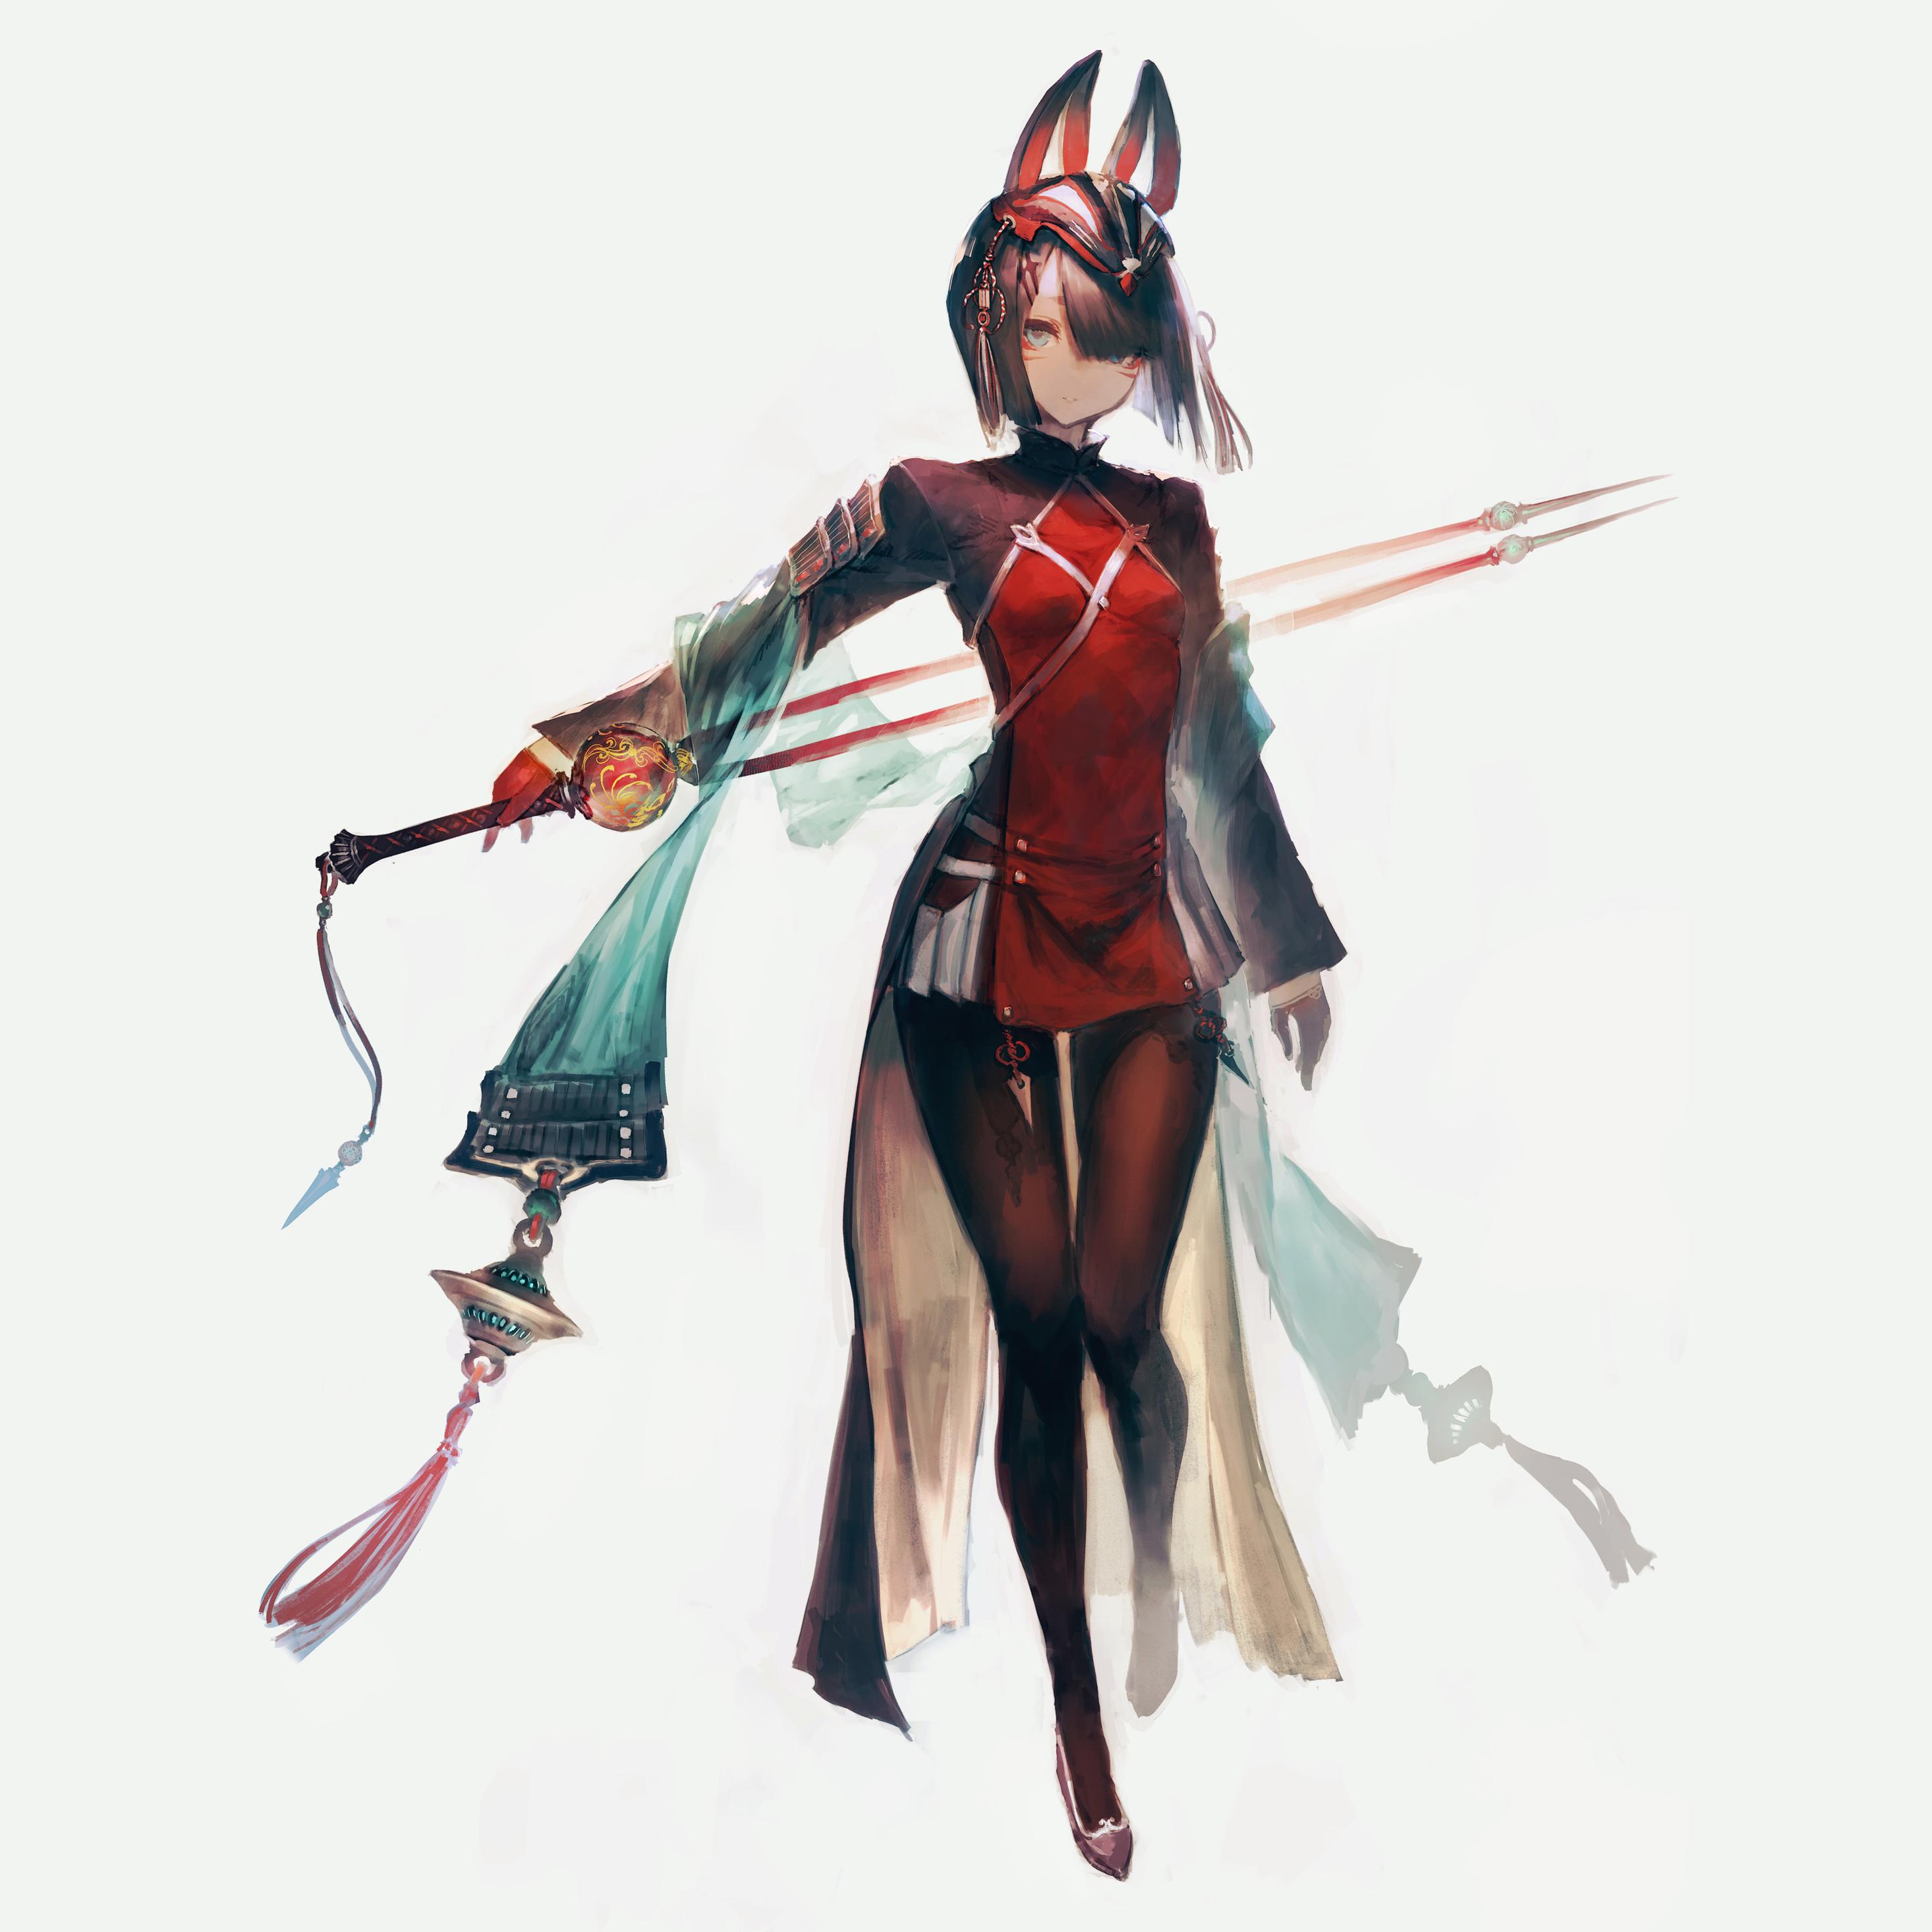 2932x2932 Cute Anime Girl With Sword Ipad Pro Retina ...